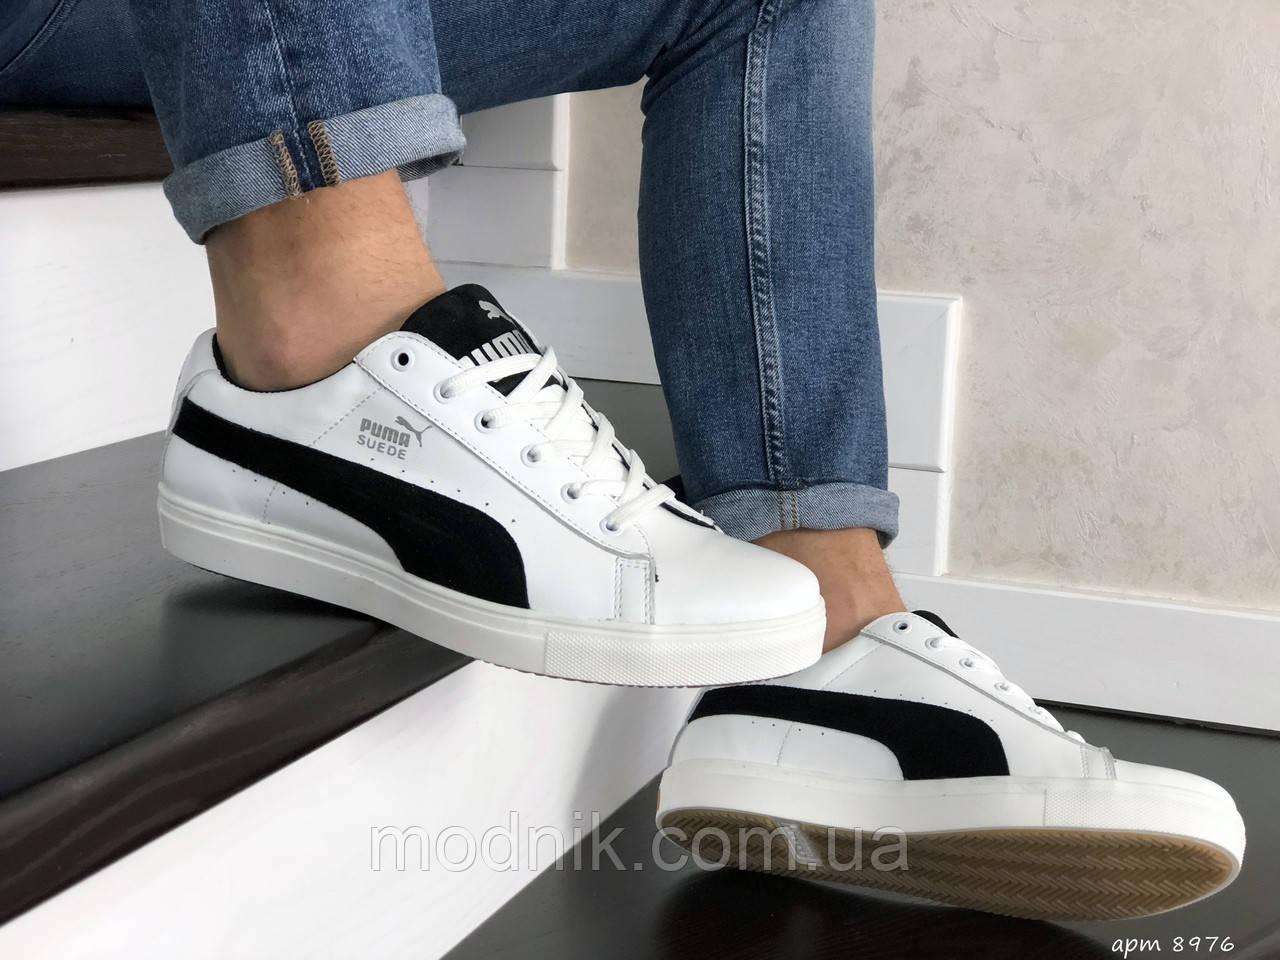 Мужские кроссовки Puma Suede (белые) 8976